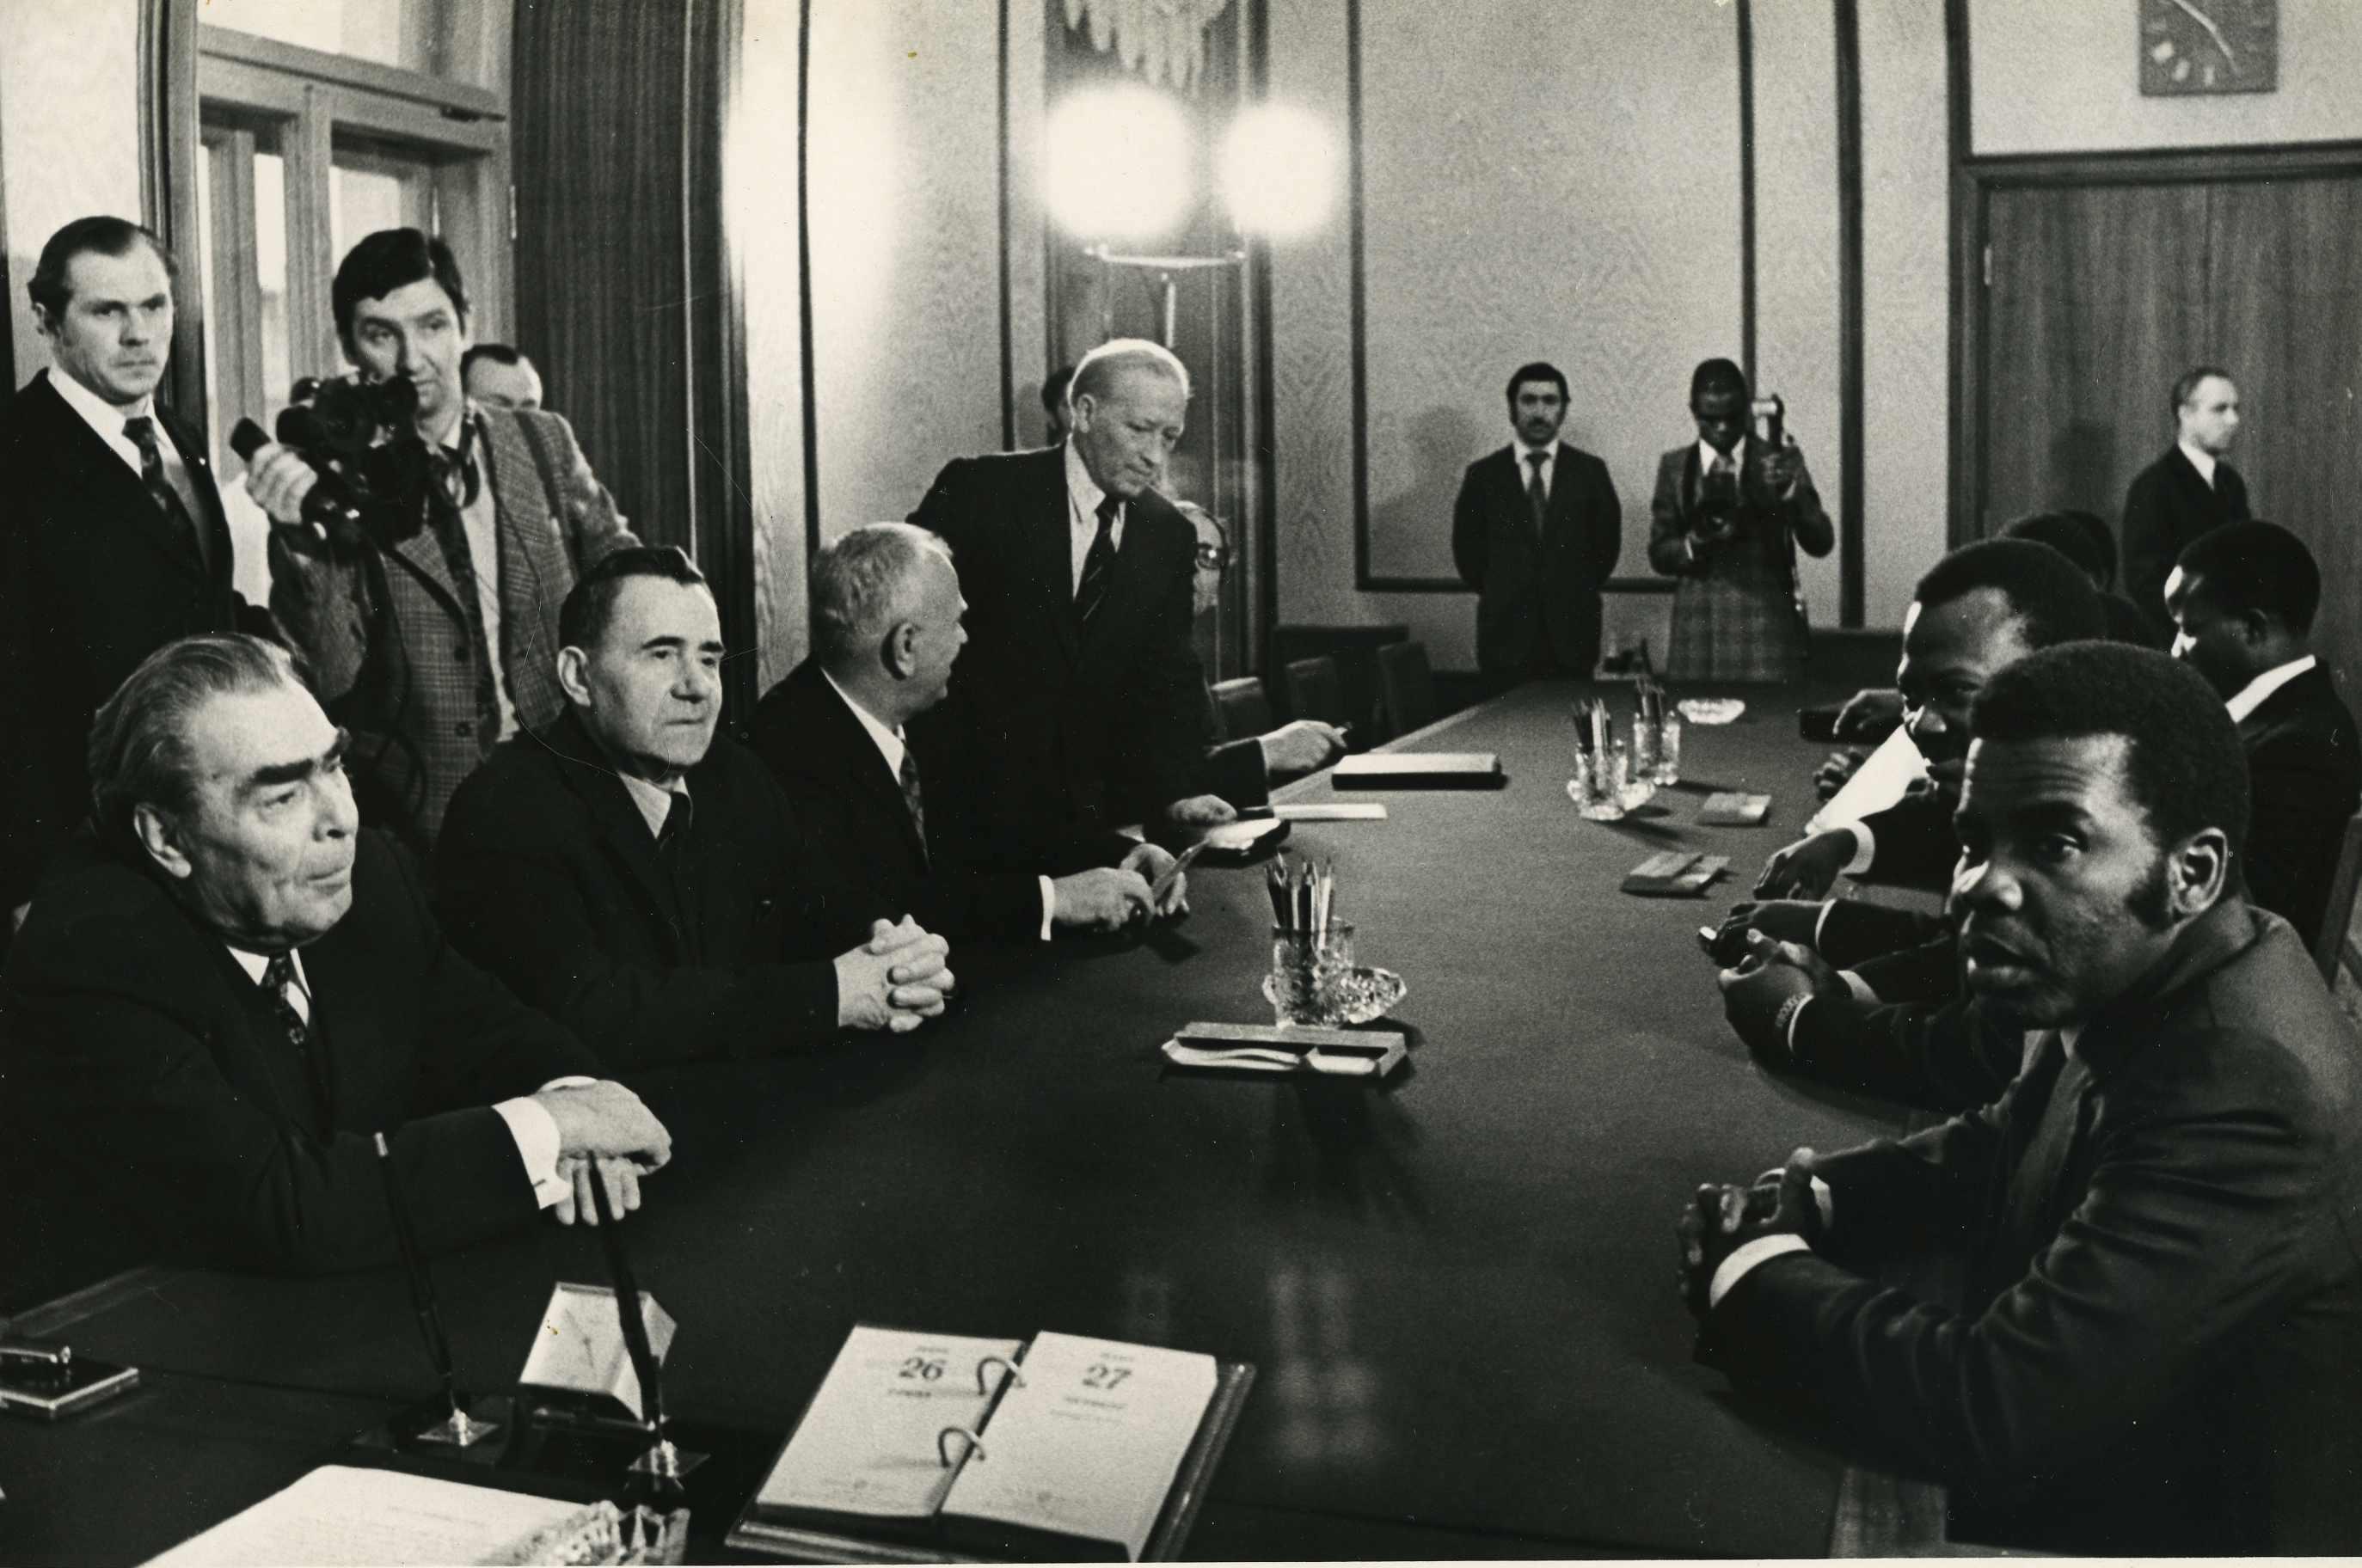 Экспонат #27. С Леонидом Брежневым и Андреем Громыко. 70-е годы